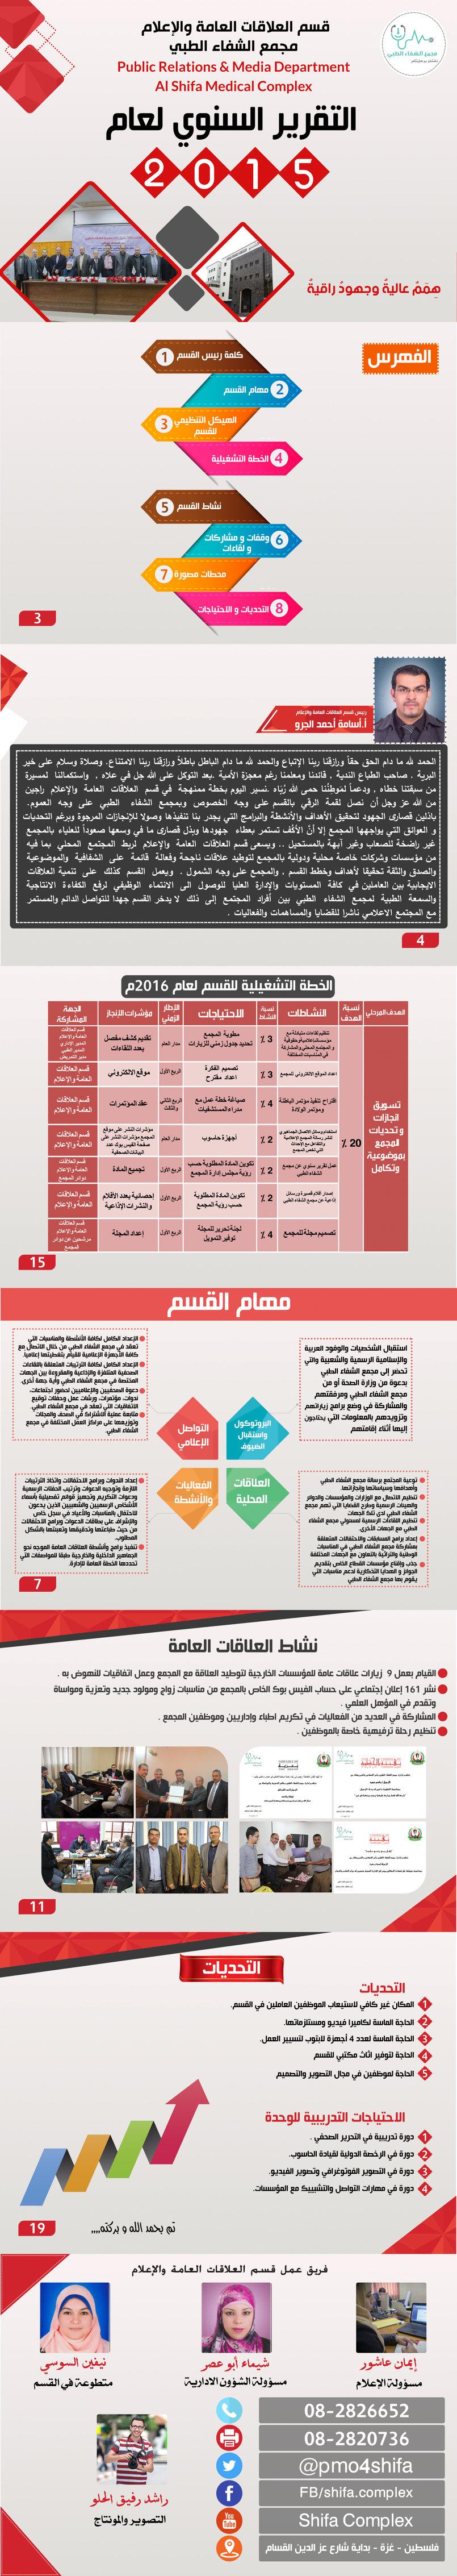 التقرير السنوي لقسم العلاقات العامة والاعلام